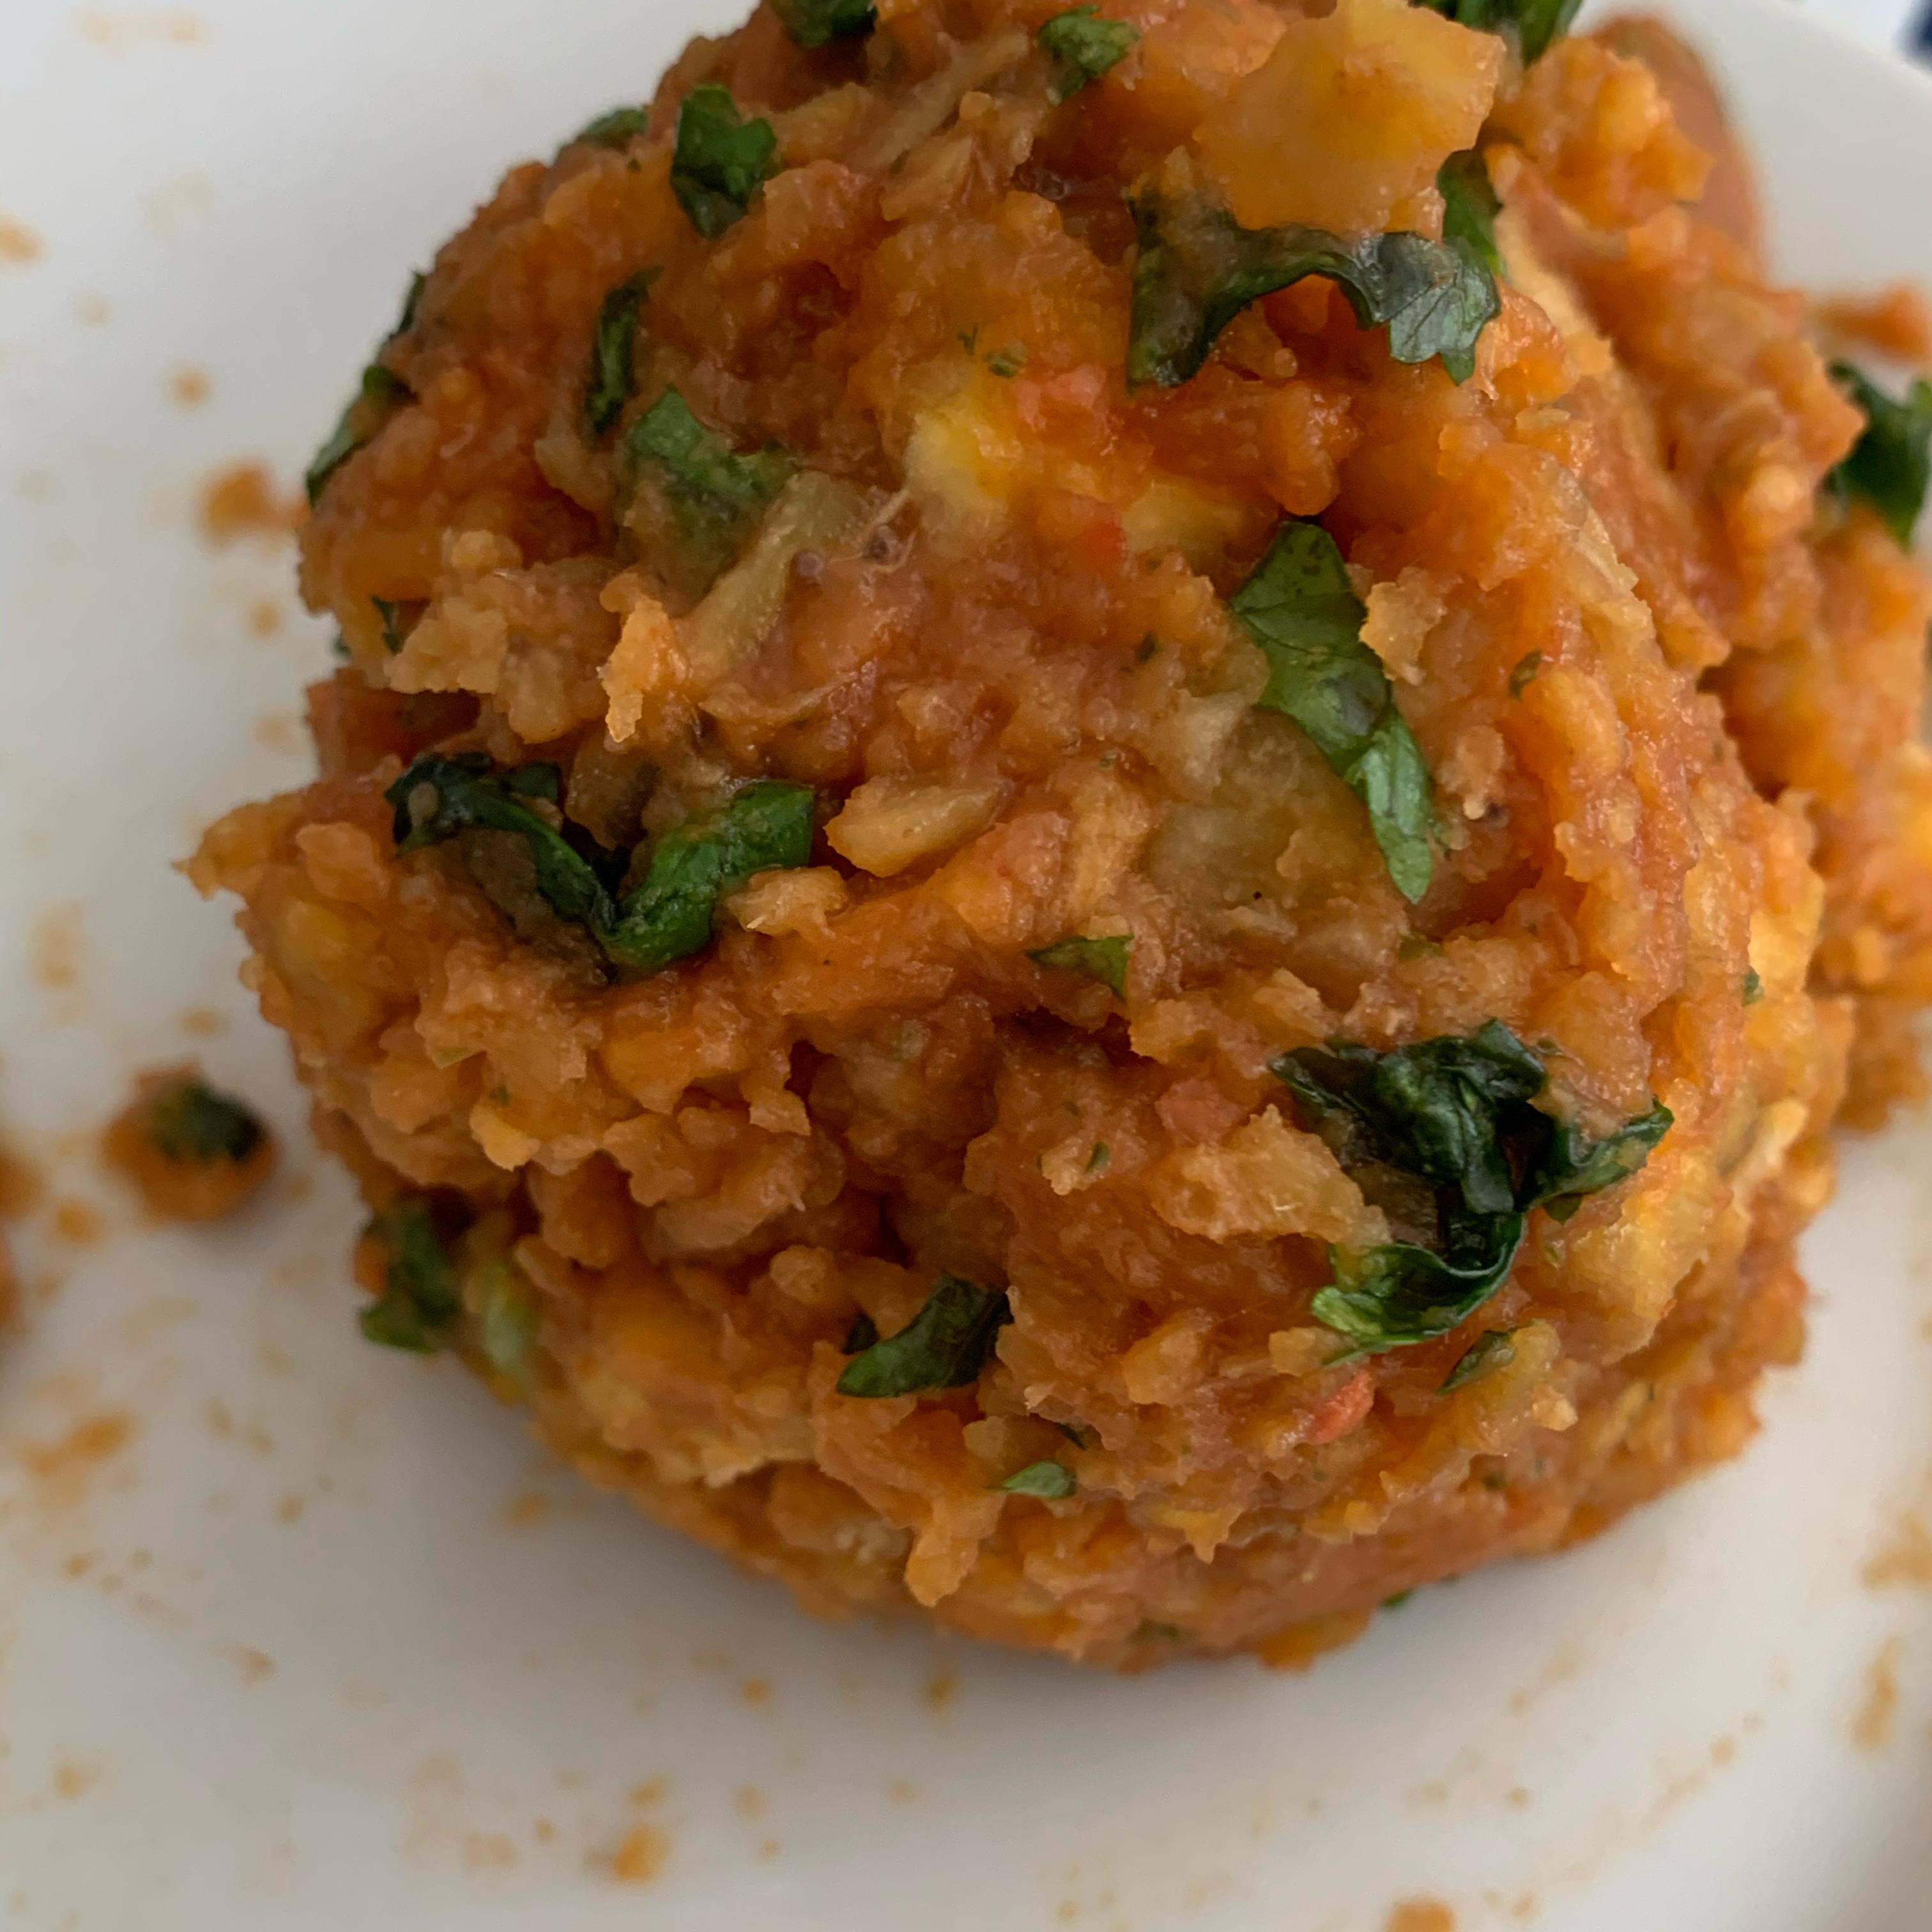 Vegan Mofongo (Fried Mashed Plantains) Joselyn Ramirez